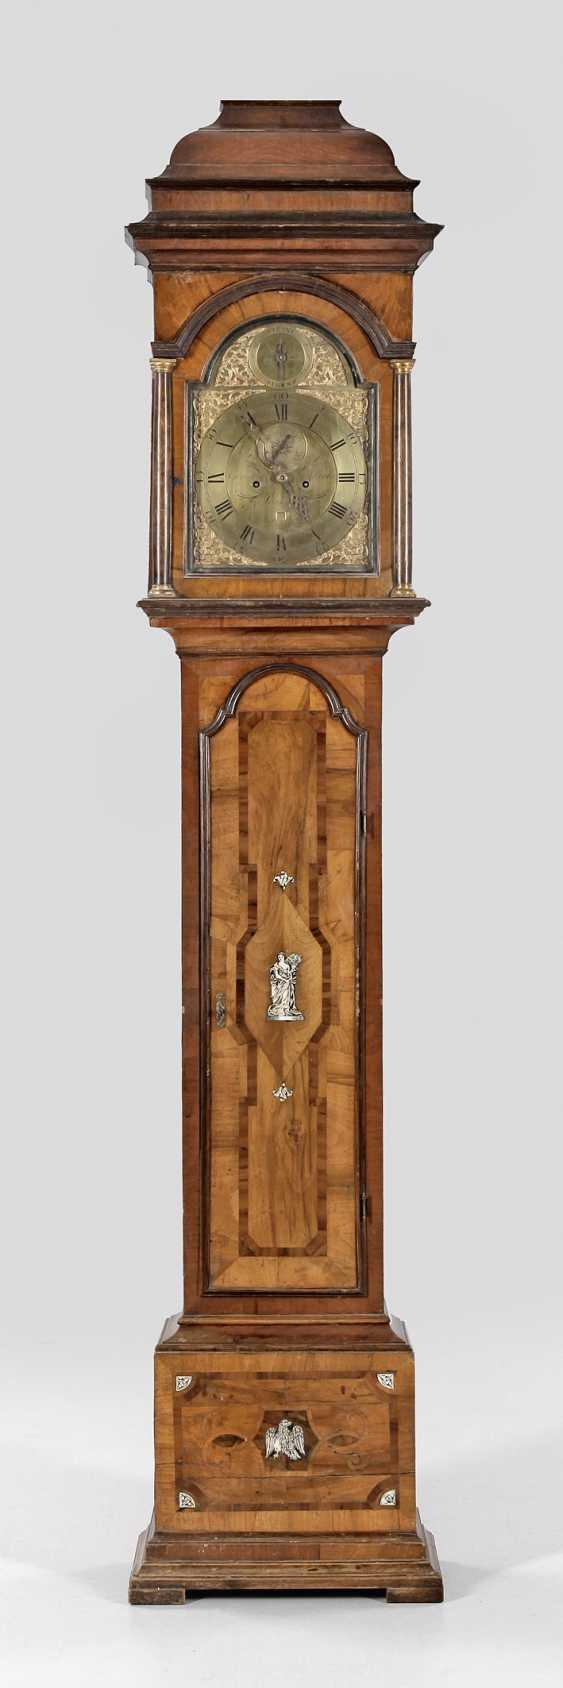 Baroque Longcase Clock - photo 1